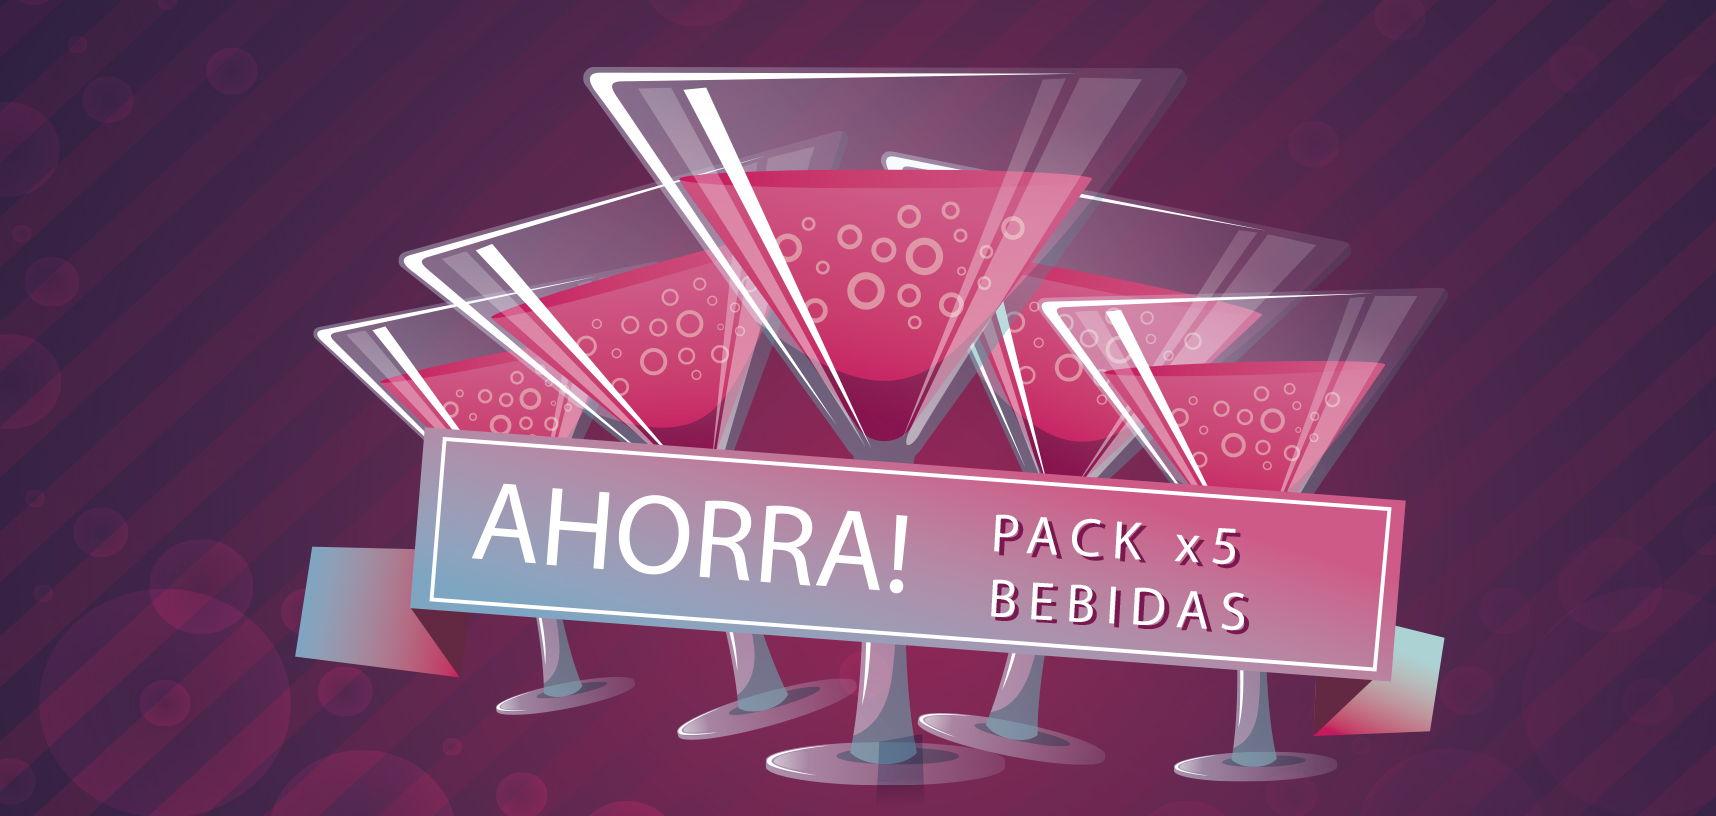 Pack bebidas discotecas Ibiza, pack ahorro 5 copas ushuaia